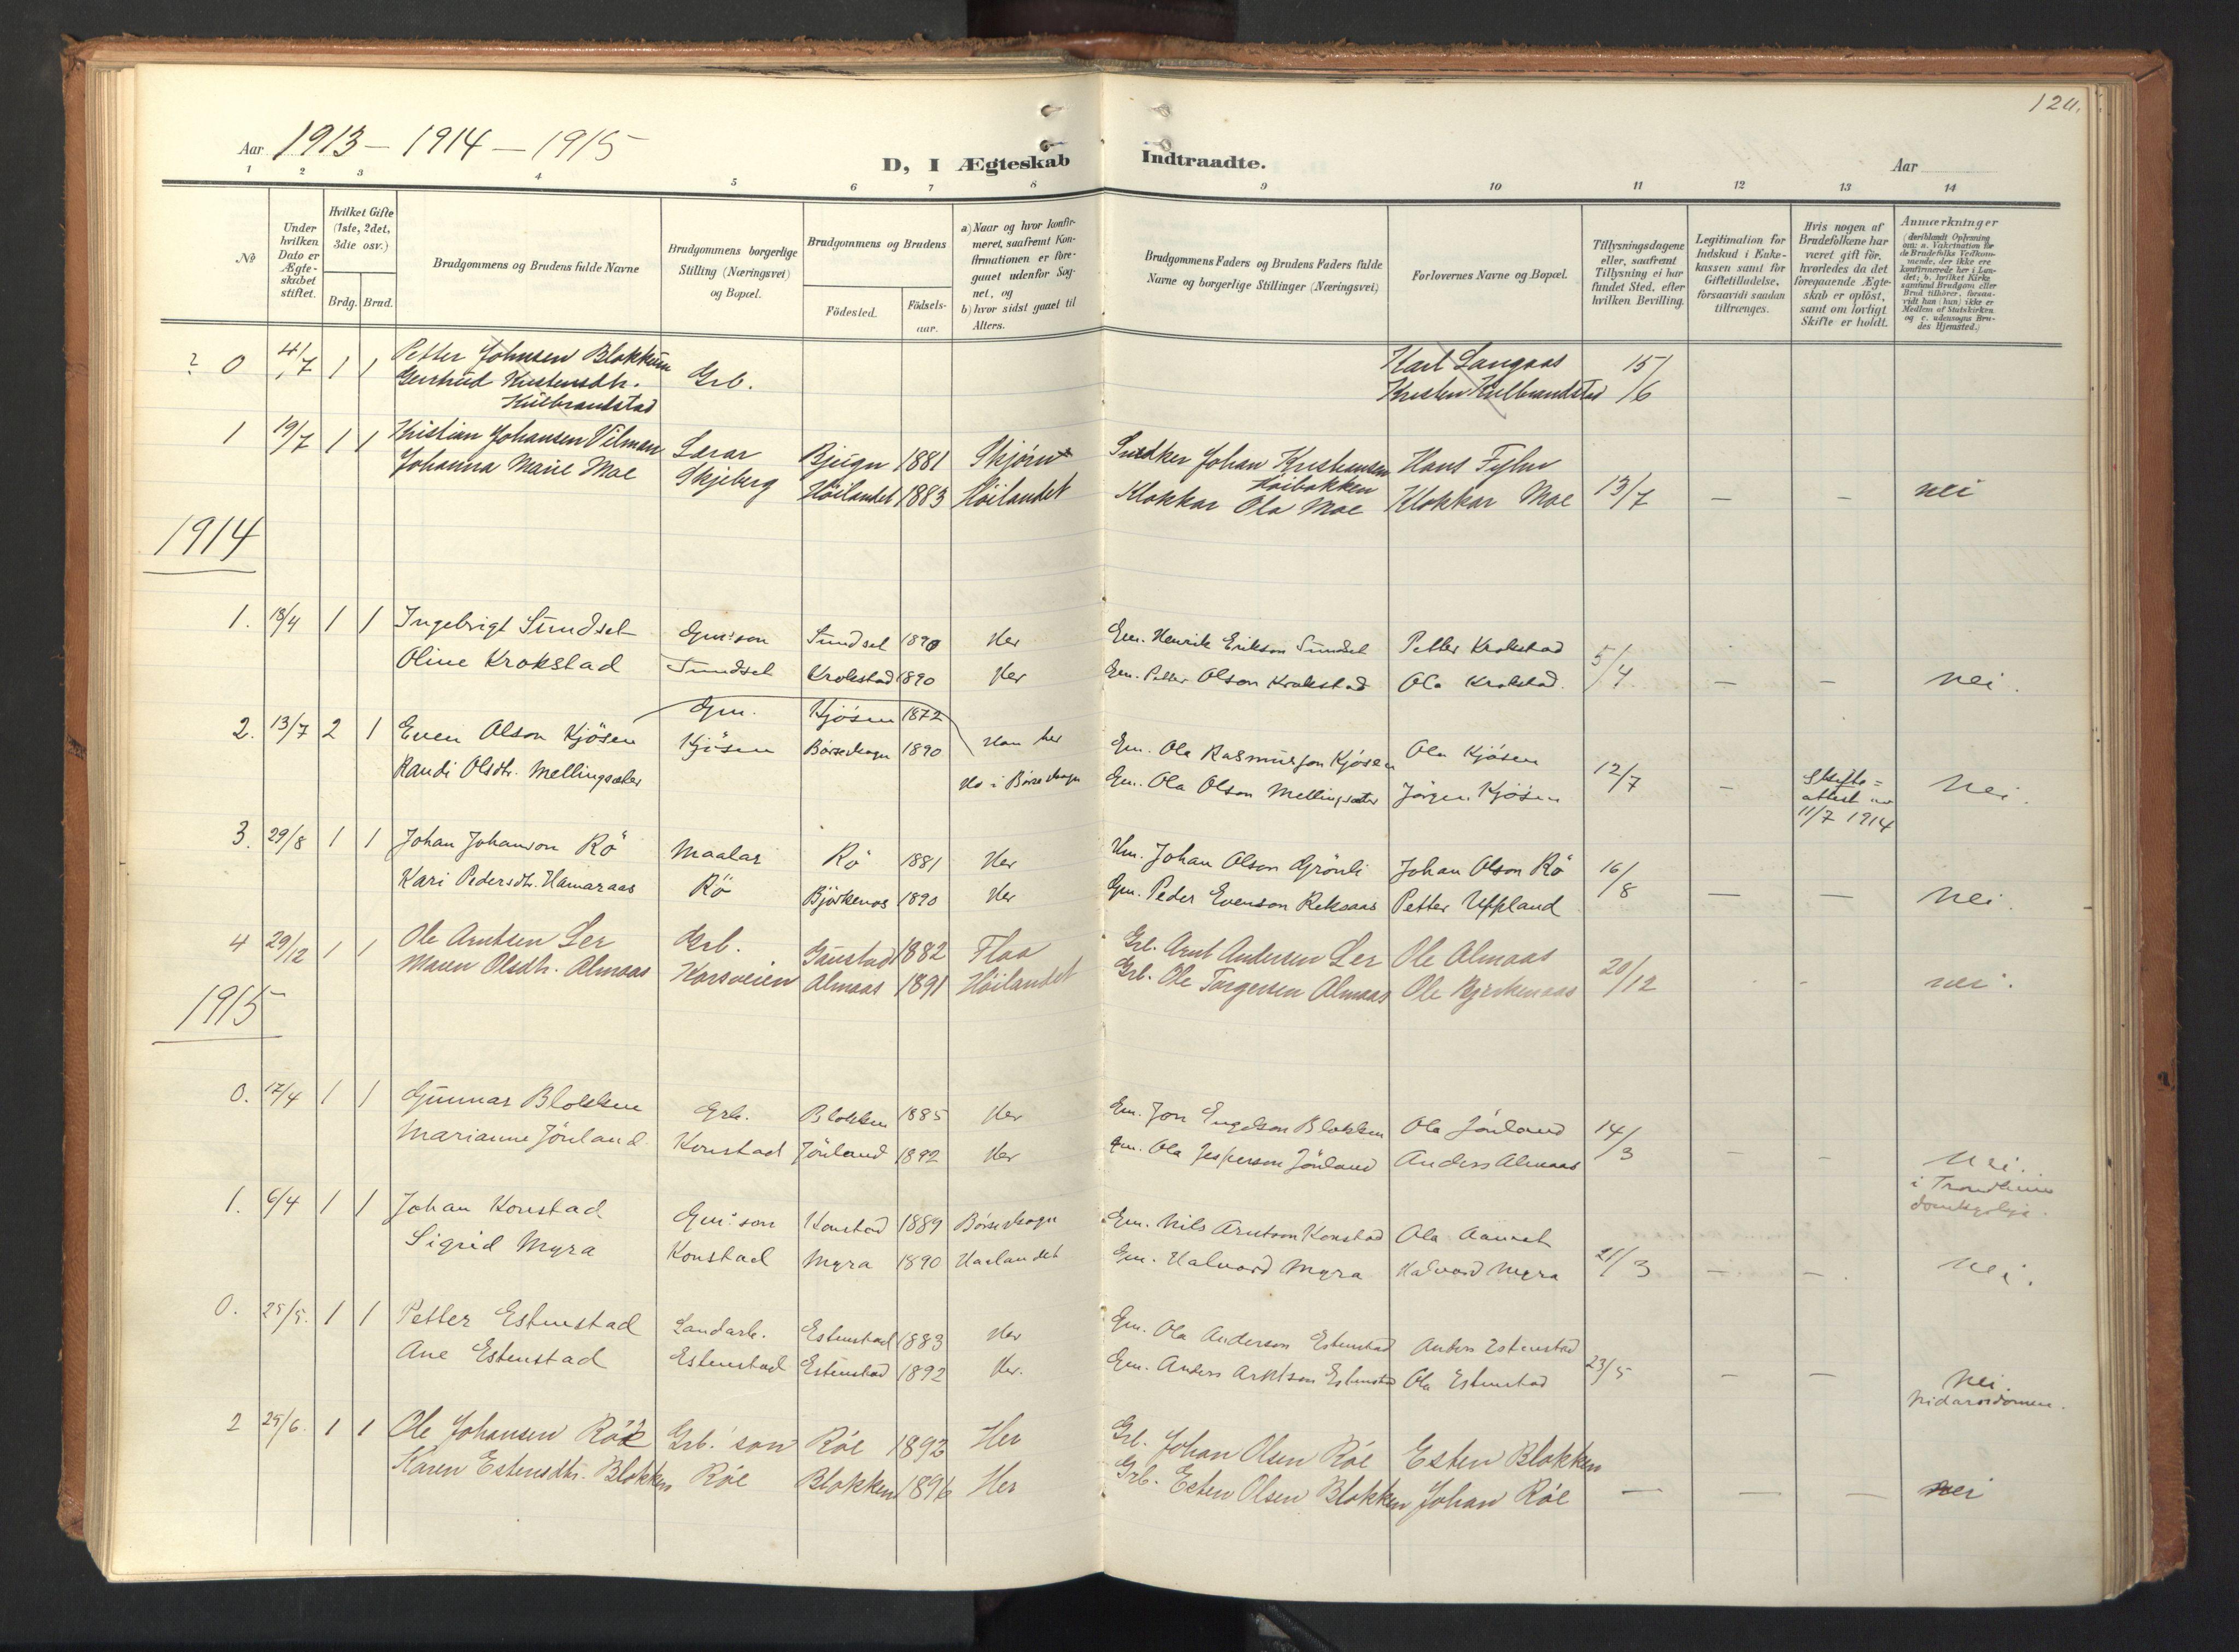 SAT, Ministerialprotokoller, klokkerbøker og fødselsregistre - Sør-Trøndelag, 694/L1128: Ministerialbok nr. 694A02, 1906-1931, s. 120